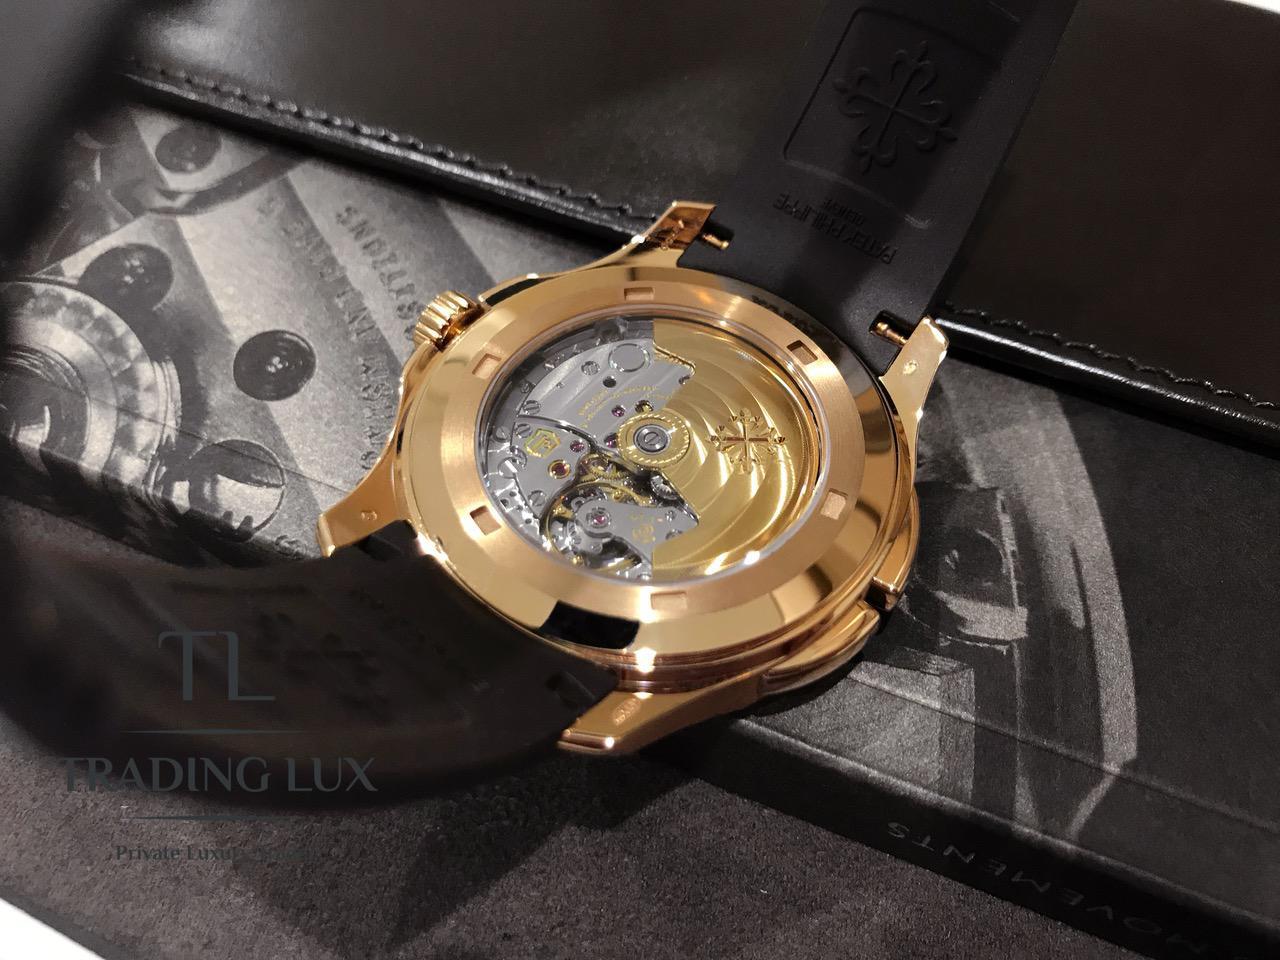 Patek-Philippe-Aquanaut-5164R-001-9-1